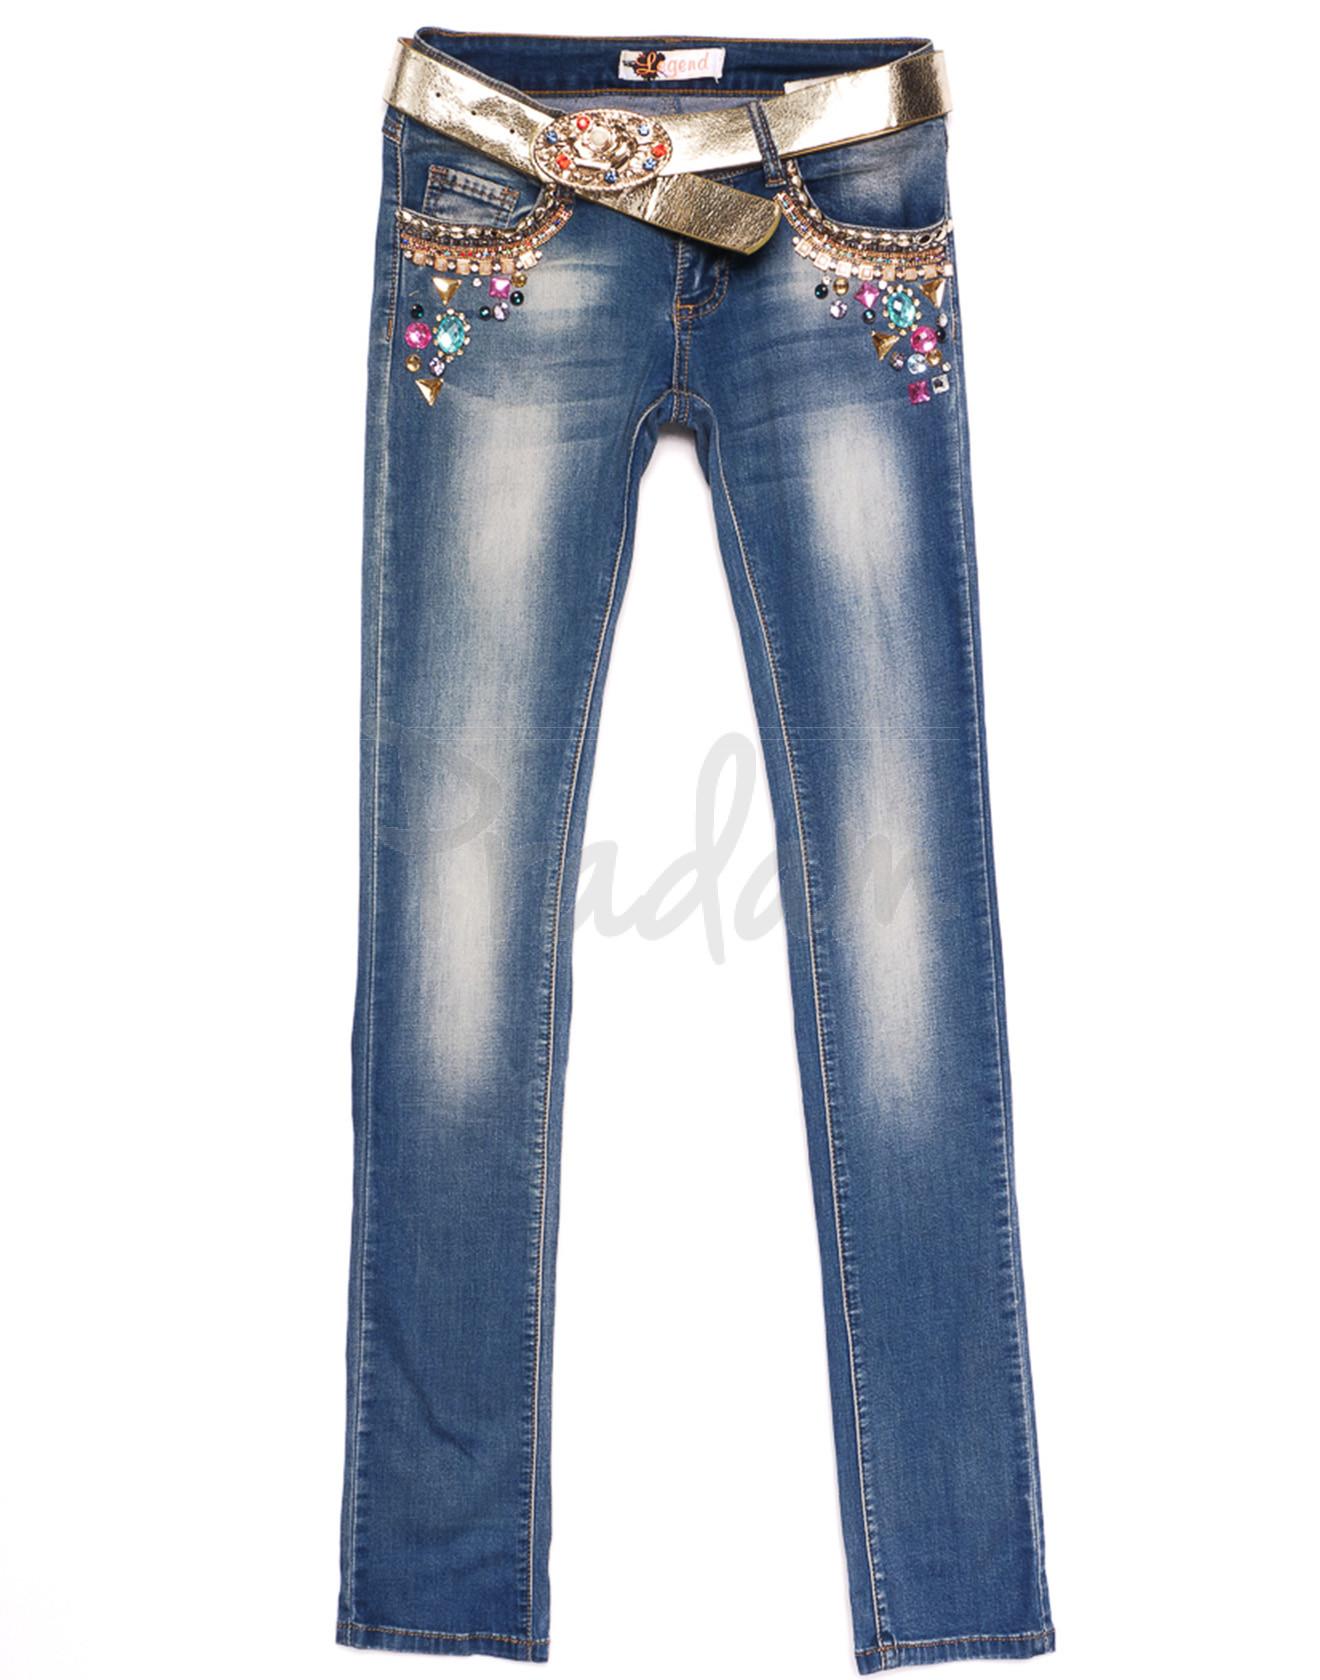 0817 Legend (25-29, 5 ед.) джинсы женские весенние стрейчевые